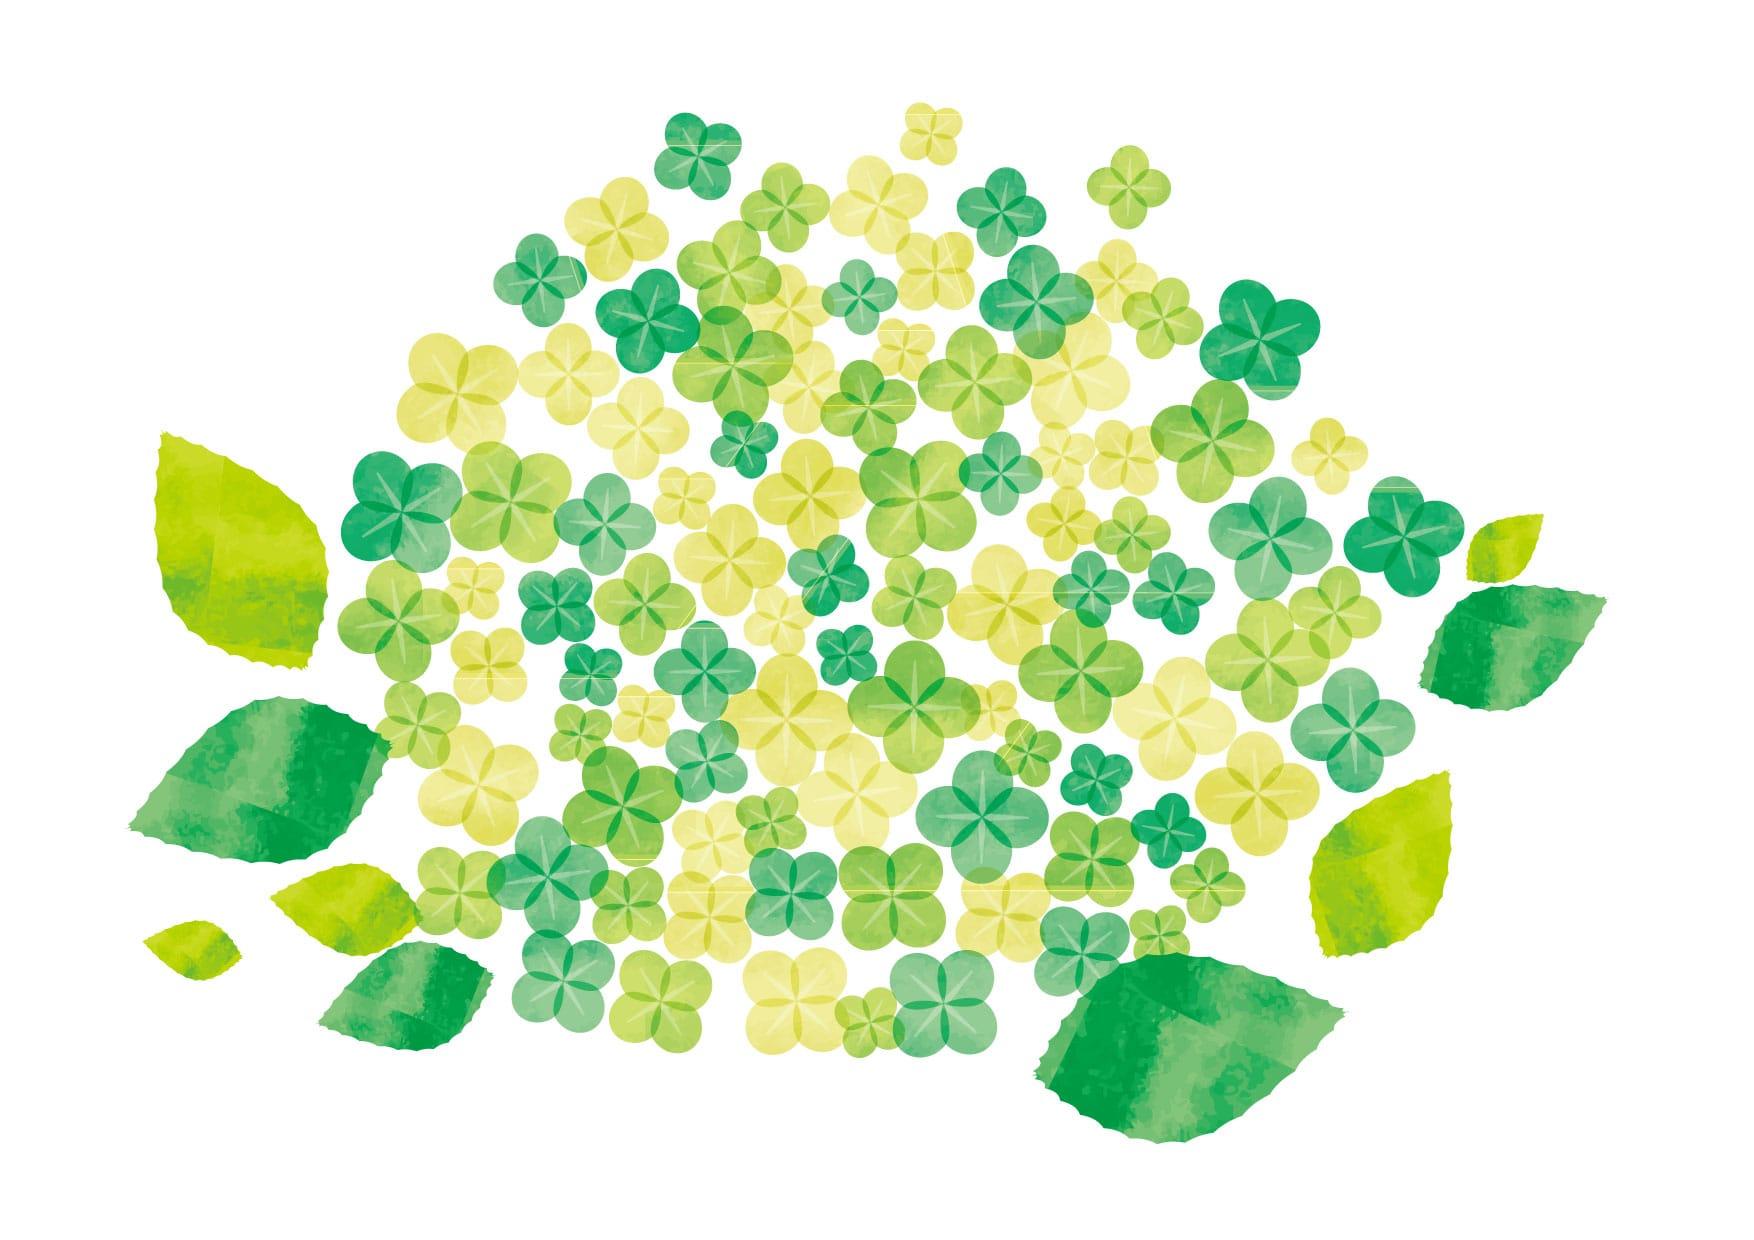 水彩 緑色 花 イラスト 無料